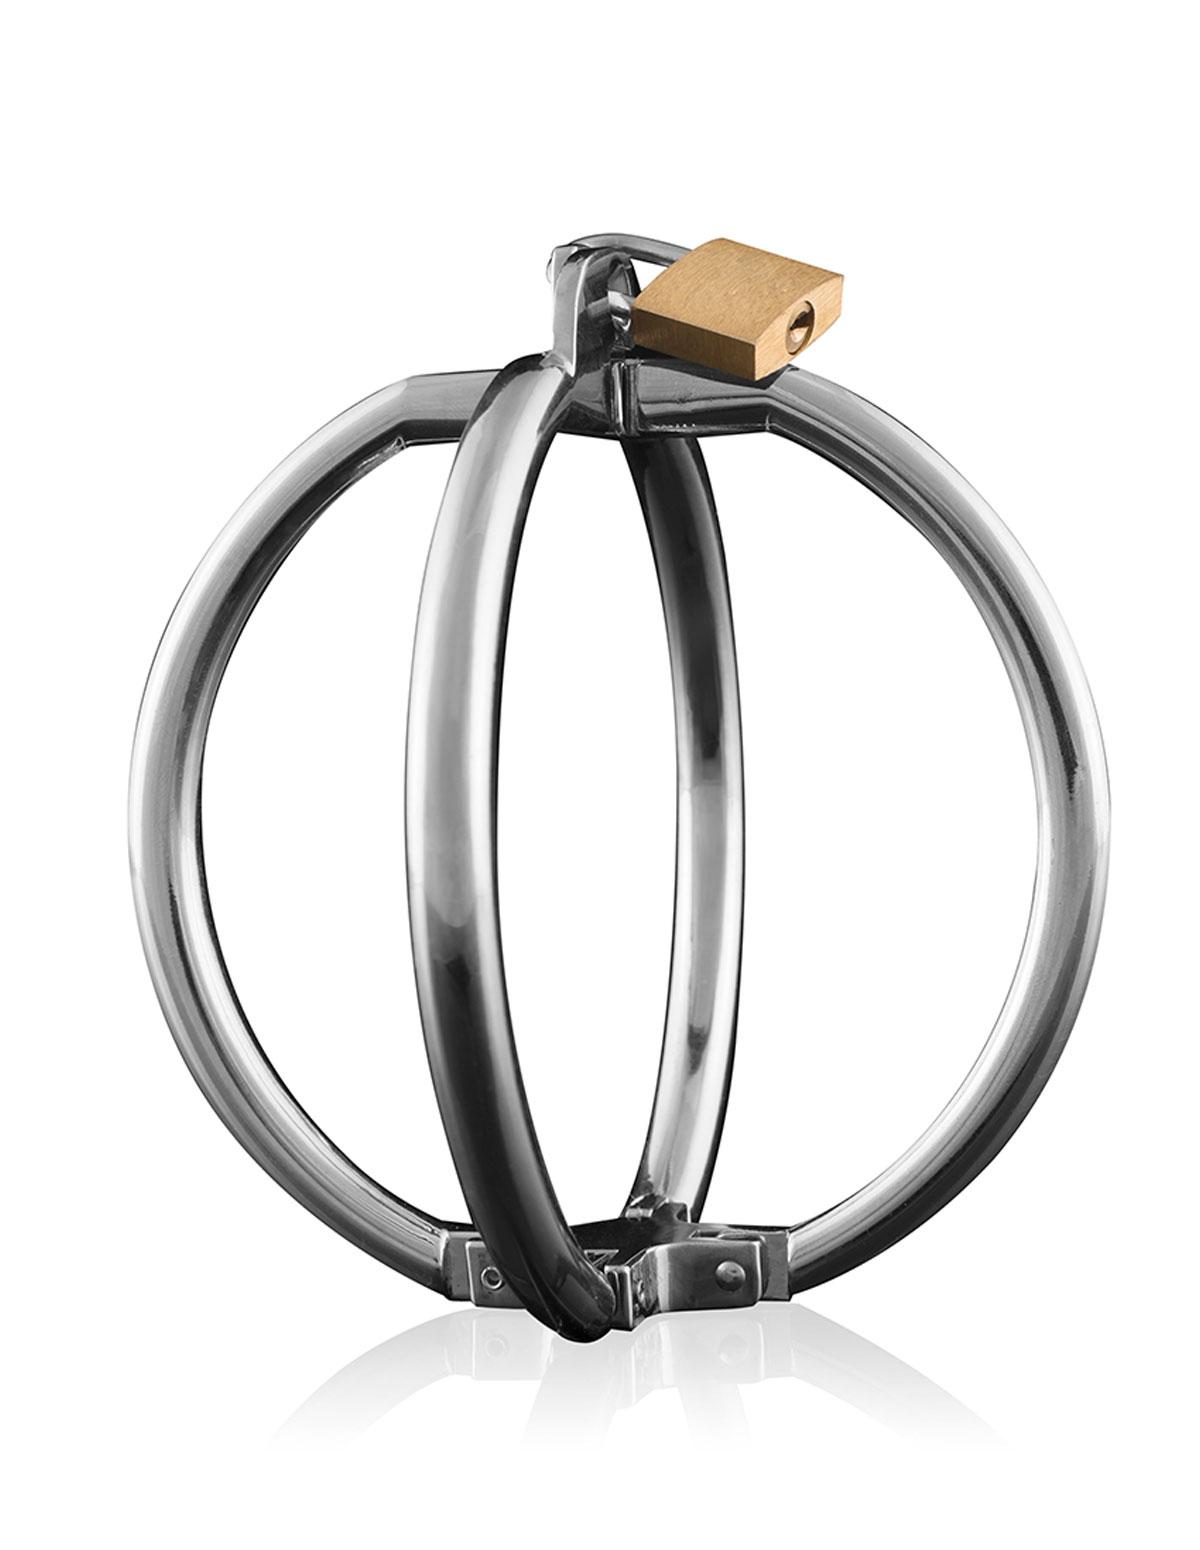 Spherical Locking Cuffs